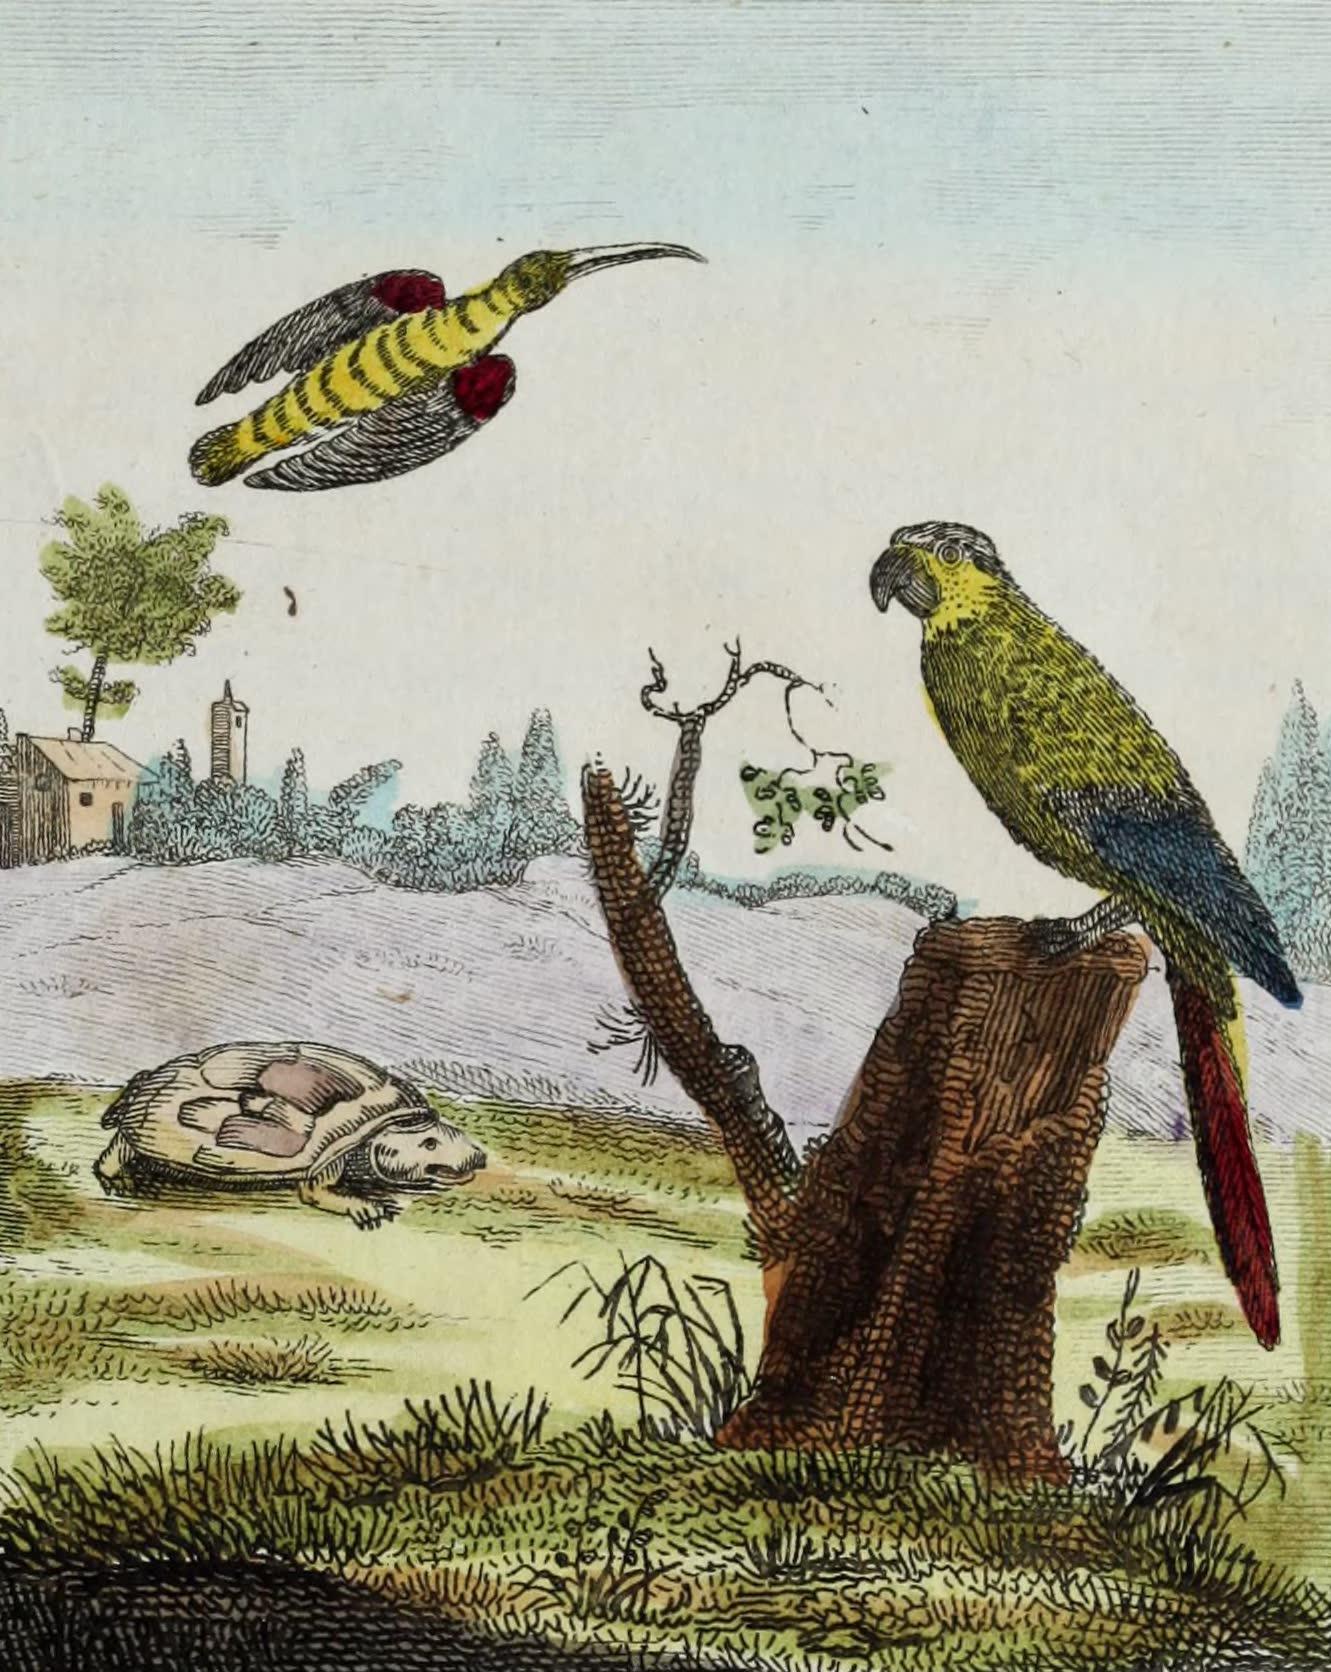 Geographie Vivante, ou, Tableaux Raisonnes - Le Colibri, la Tortue terrestre, l'Ara (1821)